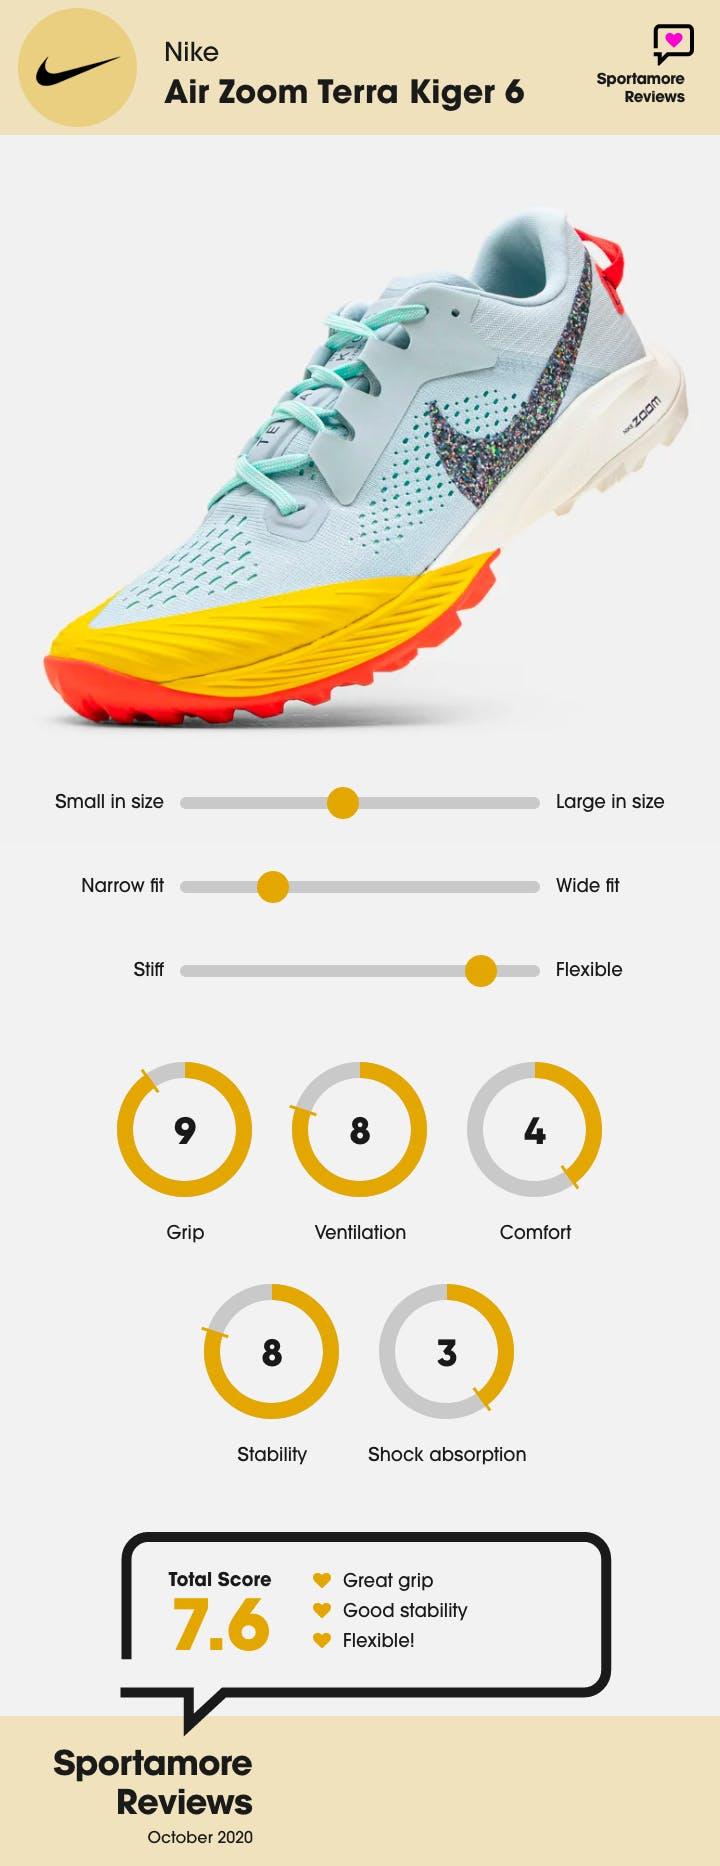 Herr - Nike - Air Zoom Terra Kiger 6.png